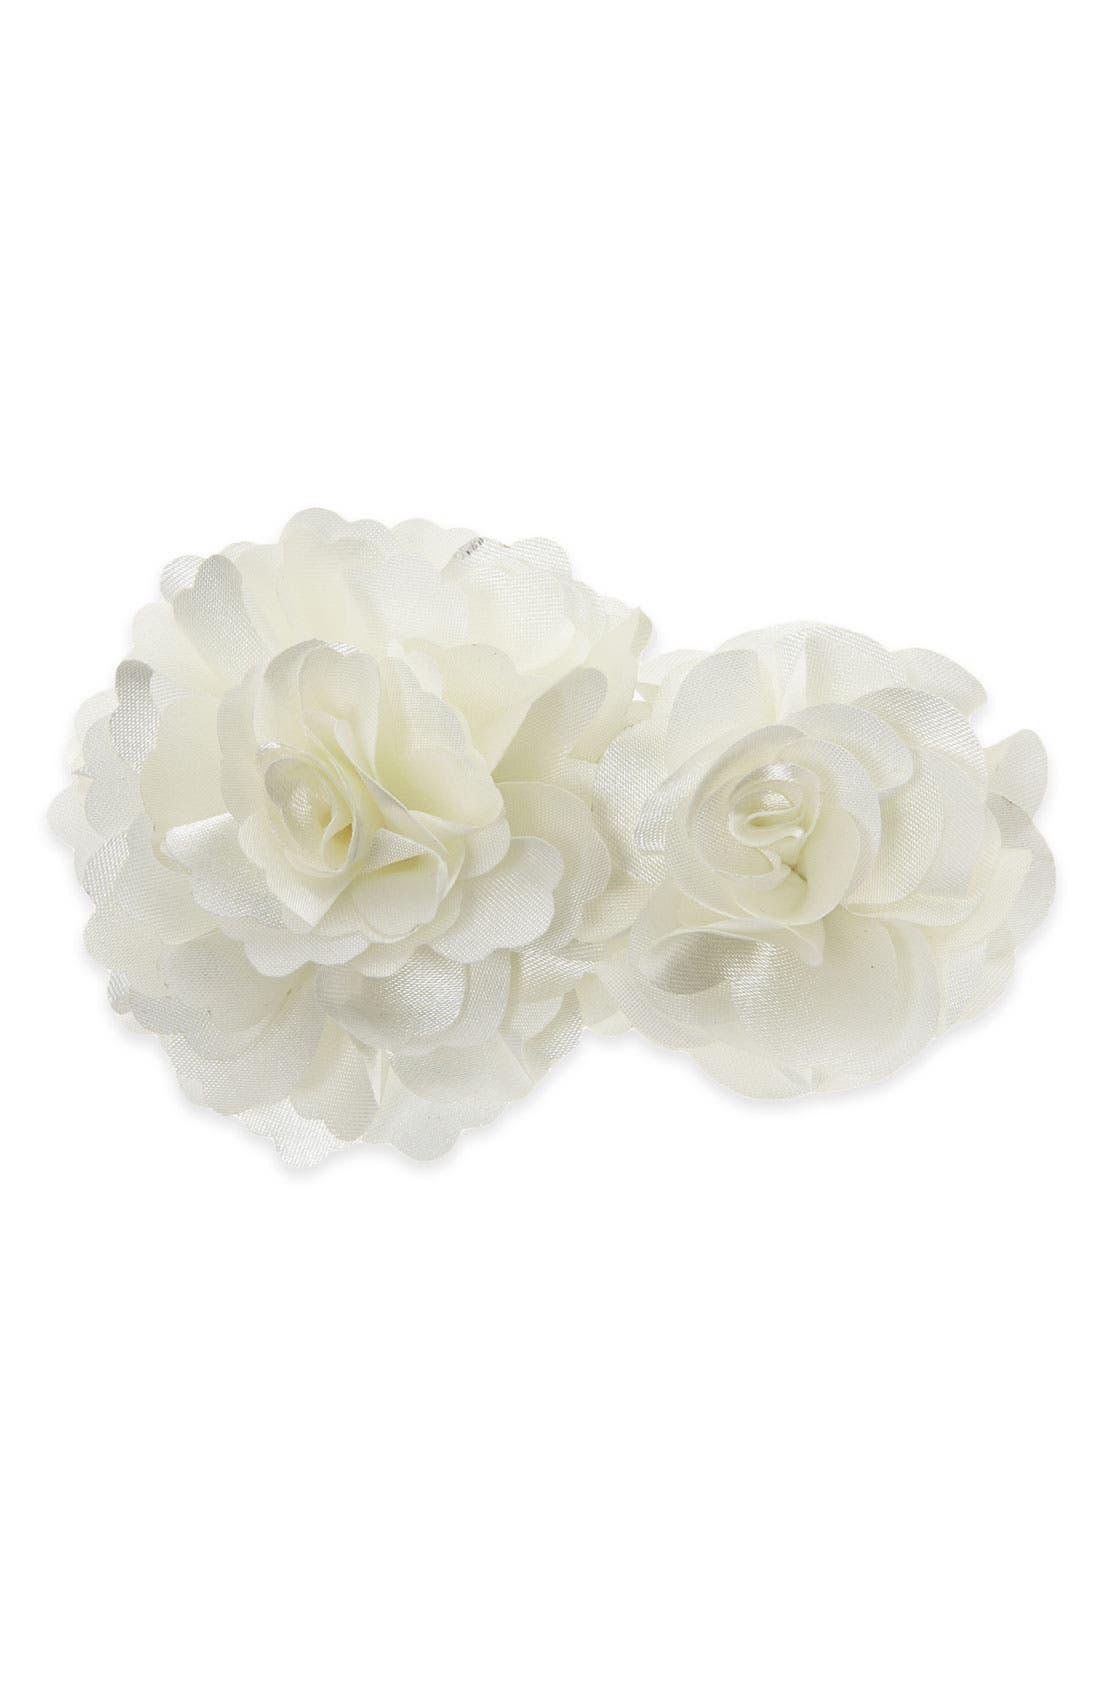 Alternate Image 1 Selected - Tasha 'Double Flower' Hair Clip